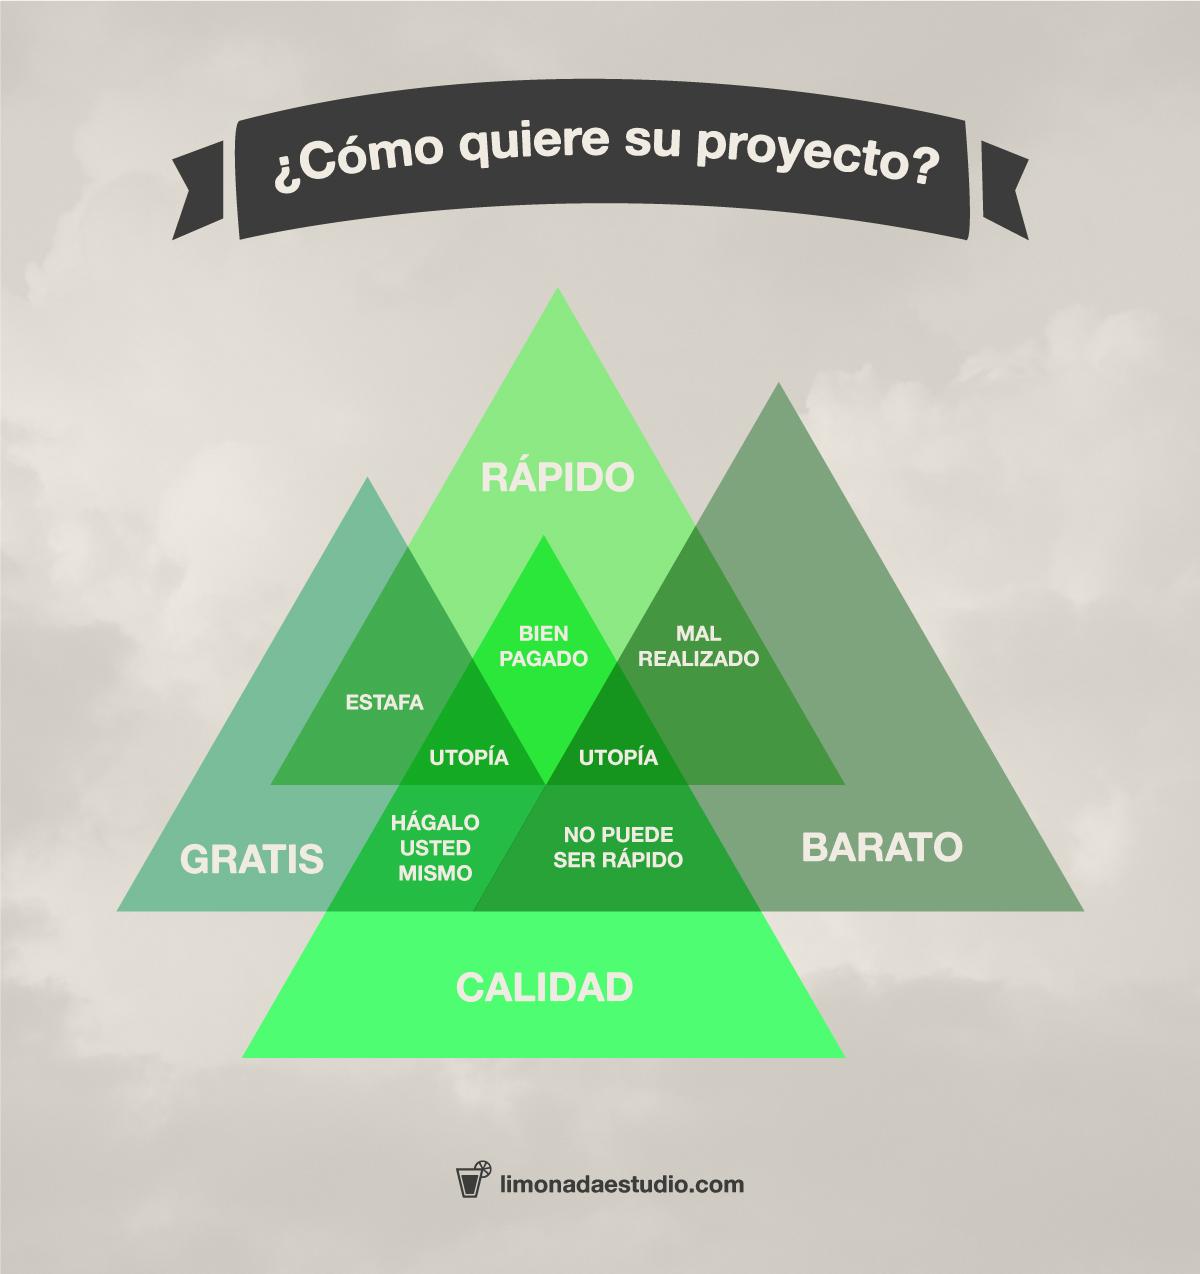 COMO-QUIERE-SU-PROYECTO--POST--ENTRADA--BLOG--LIMONADA-ESTUDIO